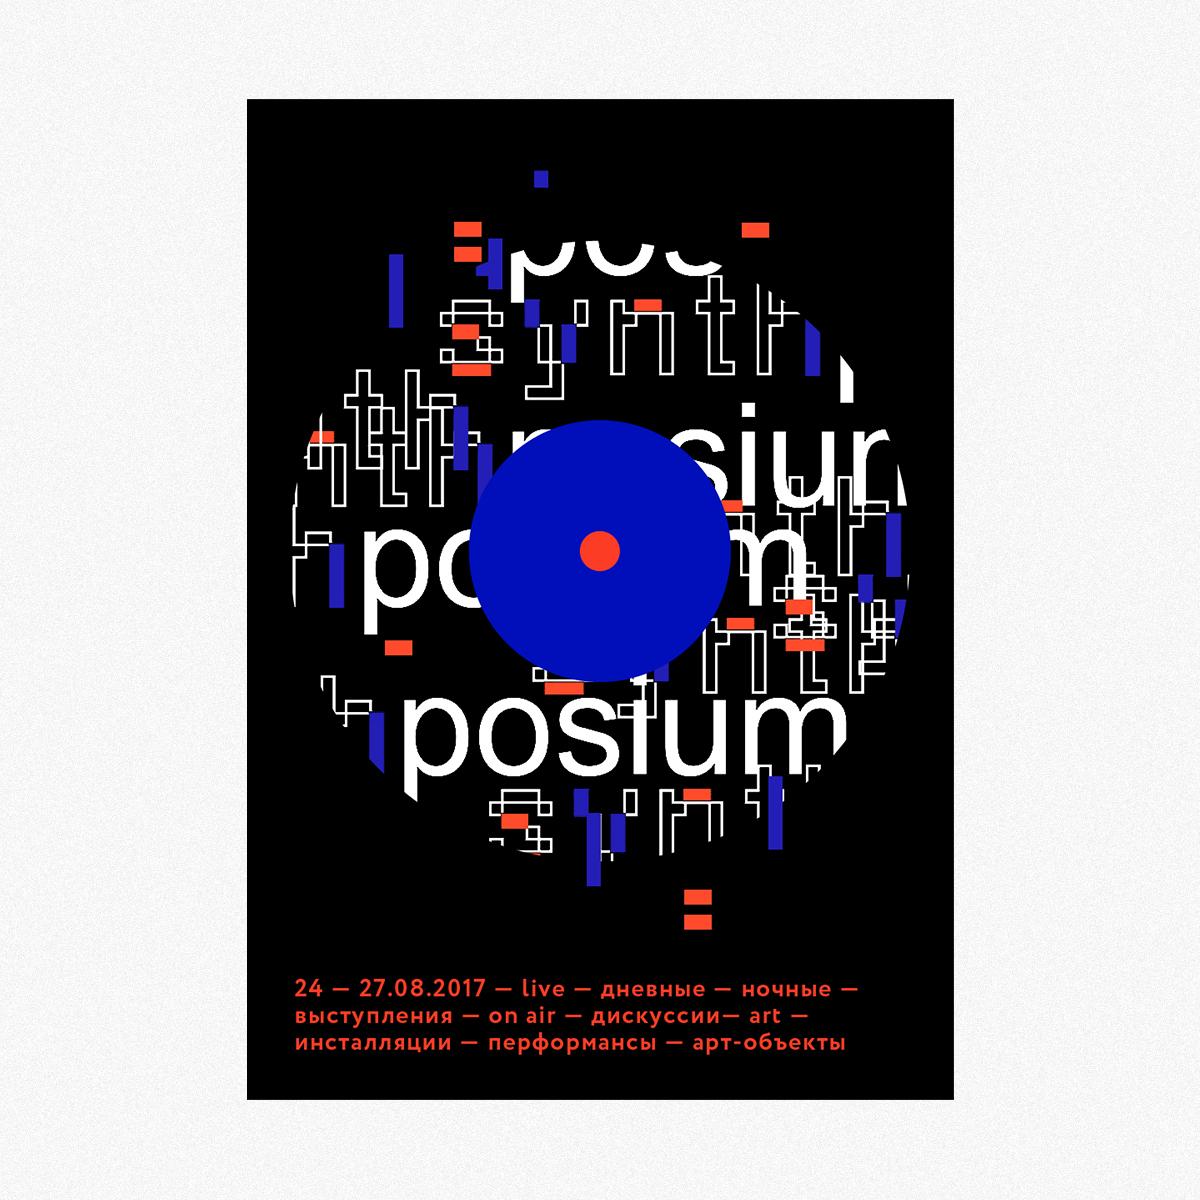 постер, synthposium